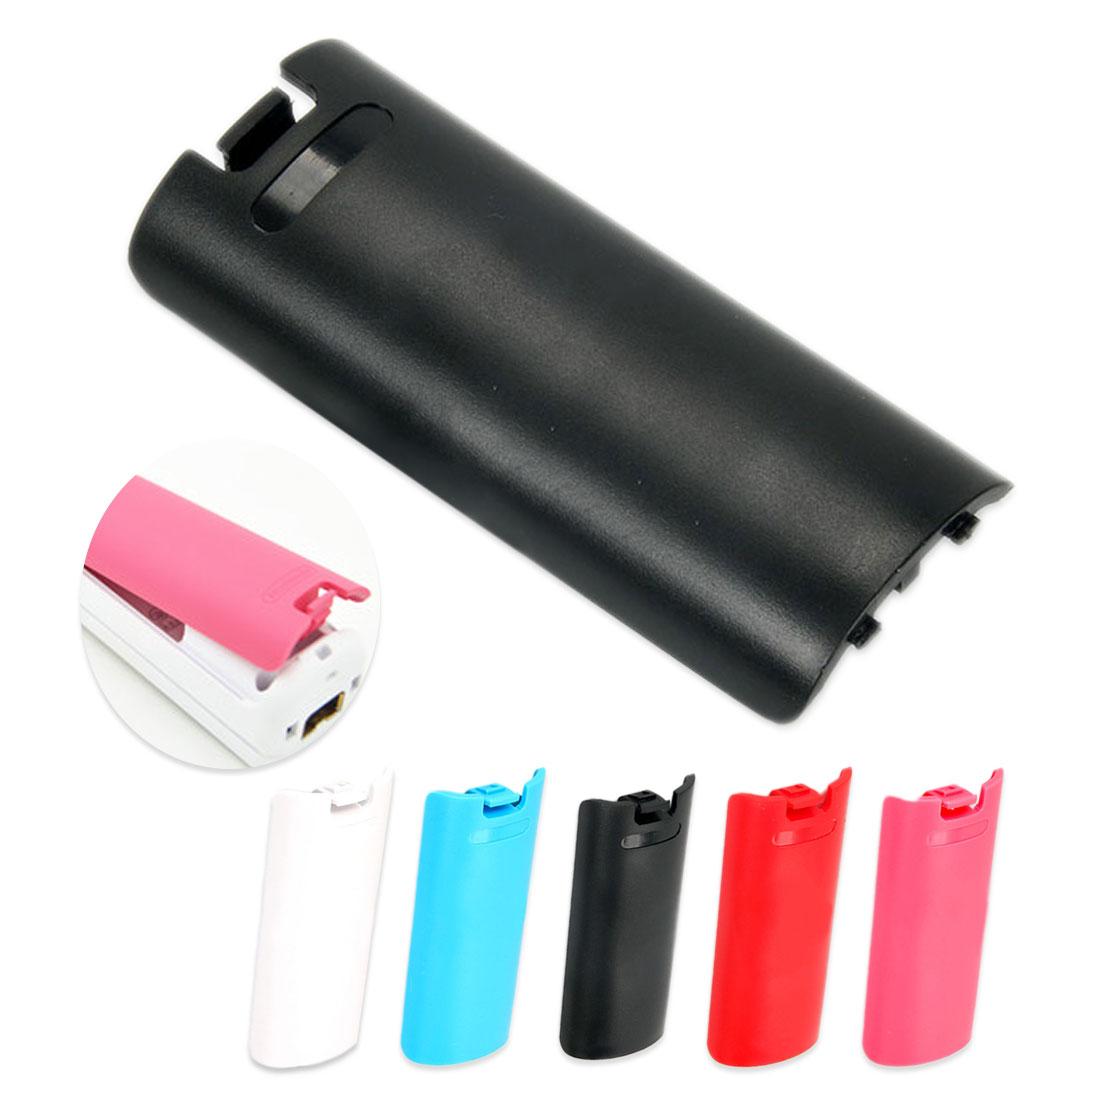 Tapa de batería multicolor, funda trasera para puerta, pieza de reemplazo de carcasa para WII inalámbrico remoto, accesorio controlador de juego